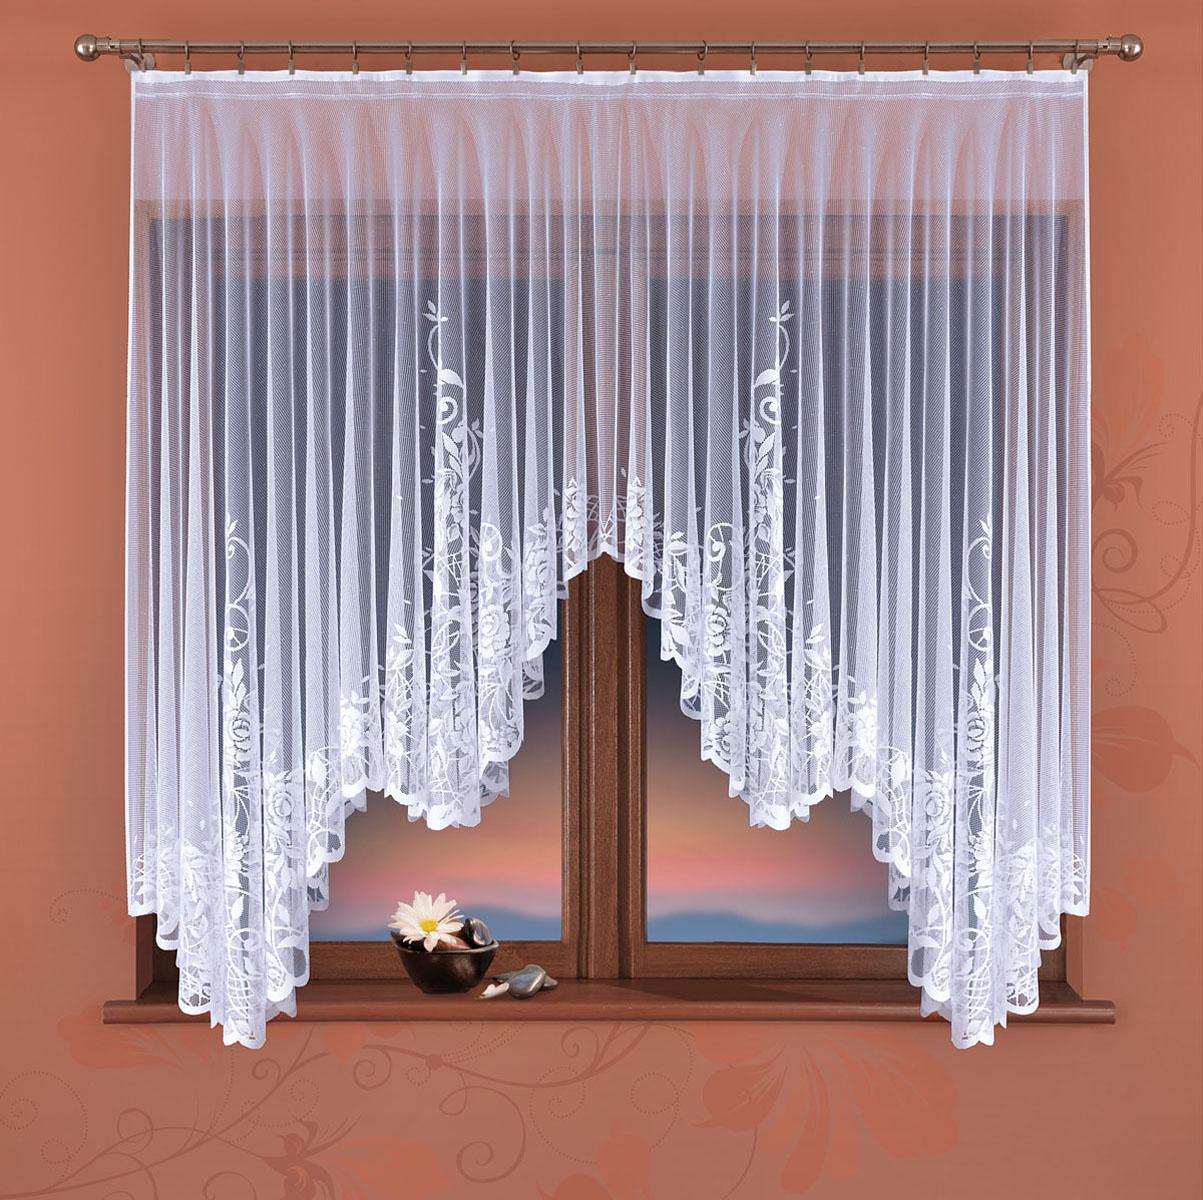 Гардина Wisan, цвет: белый, ширина 170 см, высота 160 см956251325Гардина жаккардовая, крепление зажимы для штор.Размеры: 170*высота 160